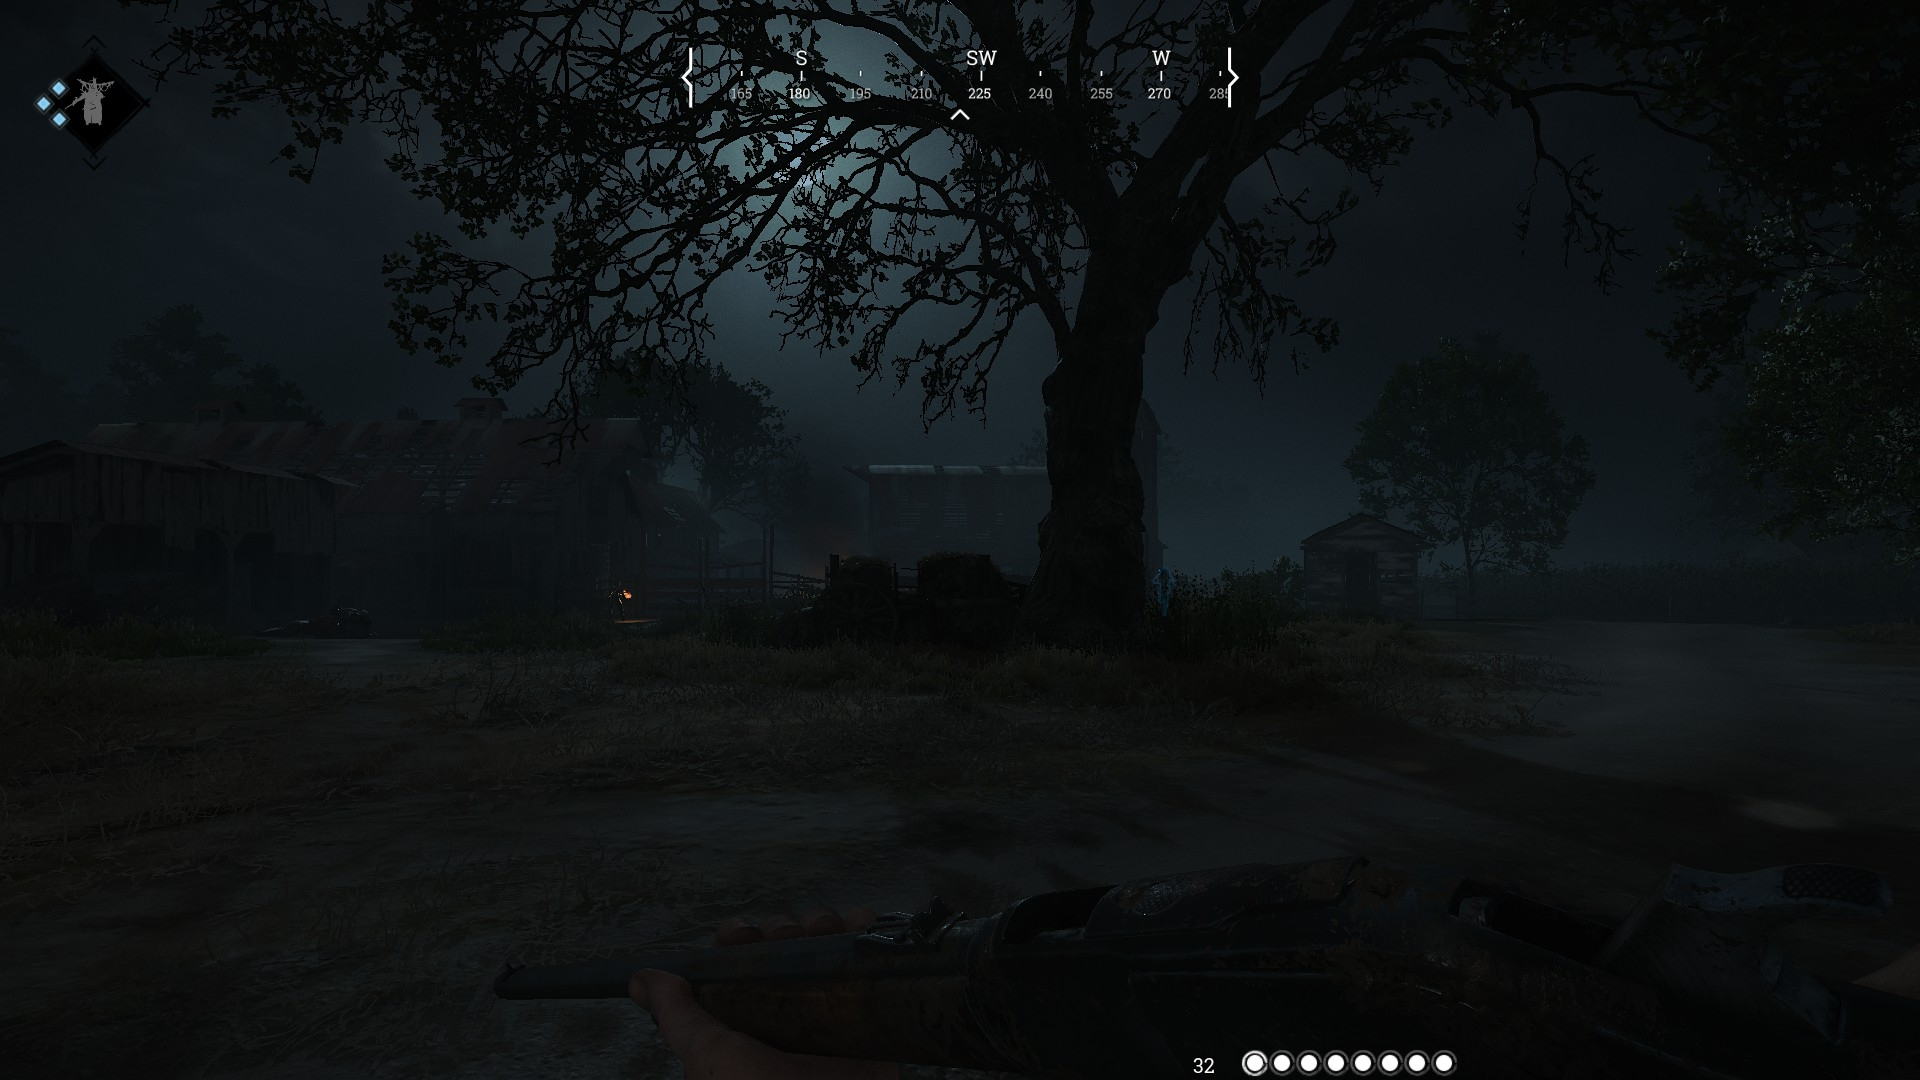 Hunt Showdown появилась враннем доступе Steam. Геймеры ставят игре смешанные оценки